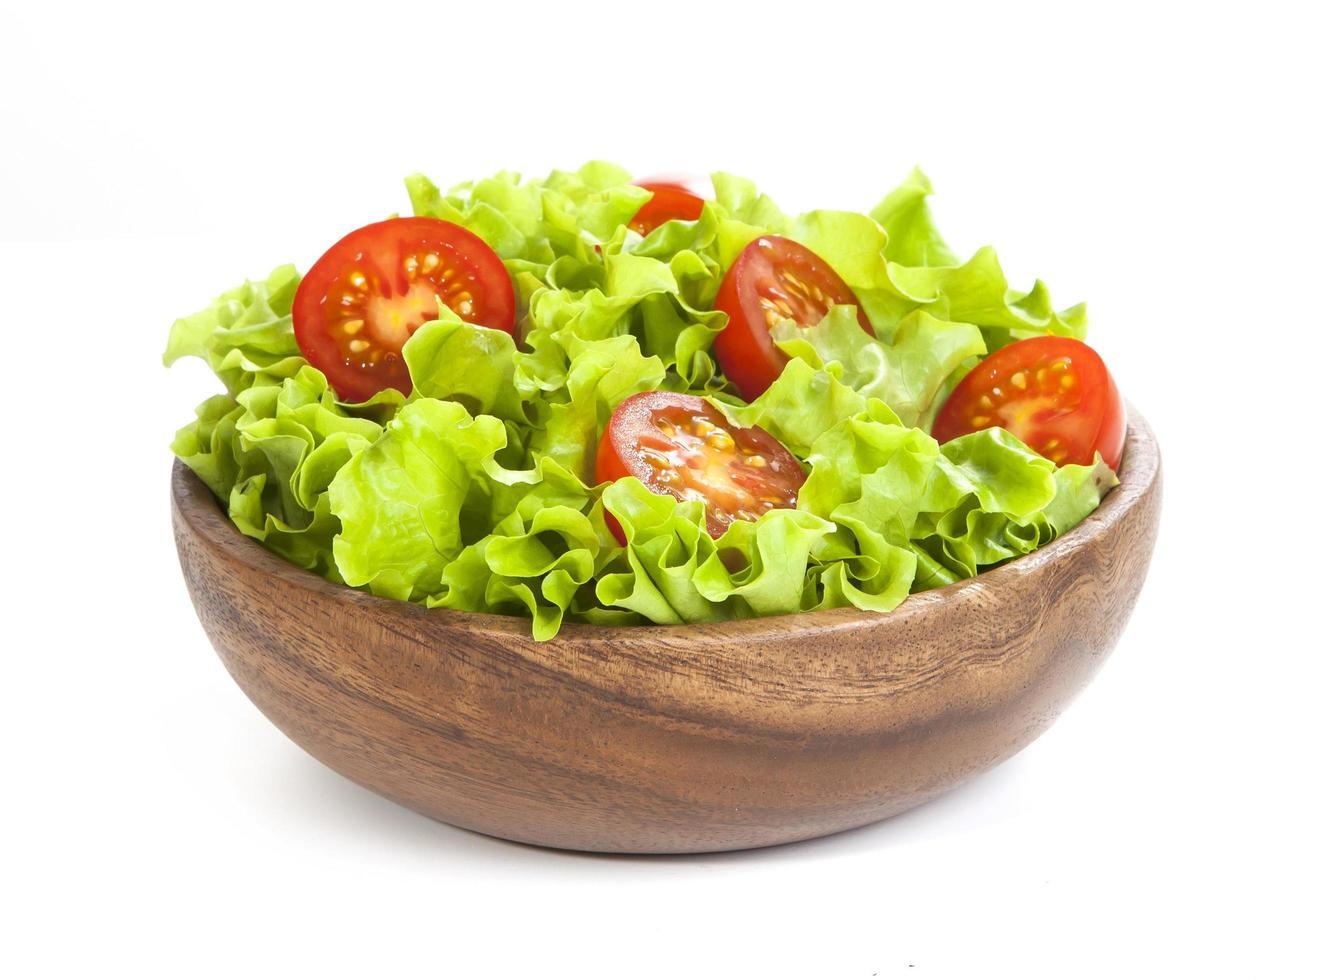 tomat och sallad isolerad på vit bakgrund foto